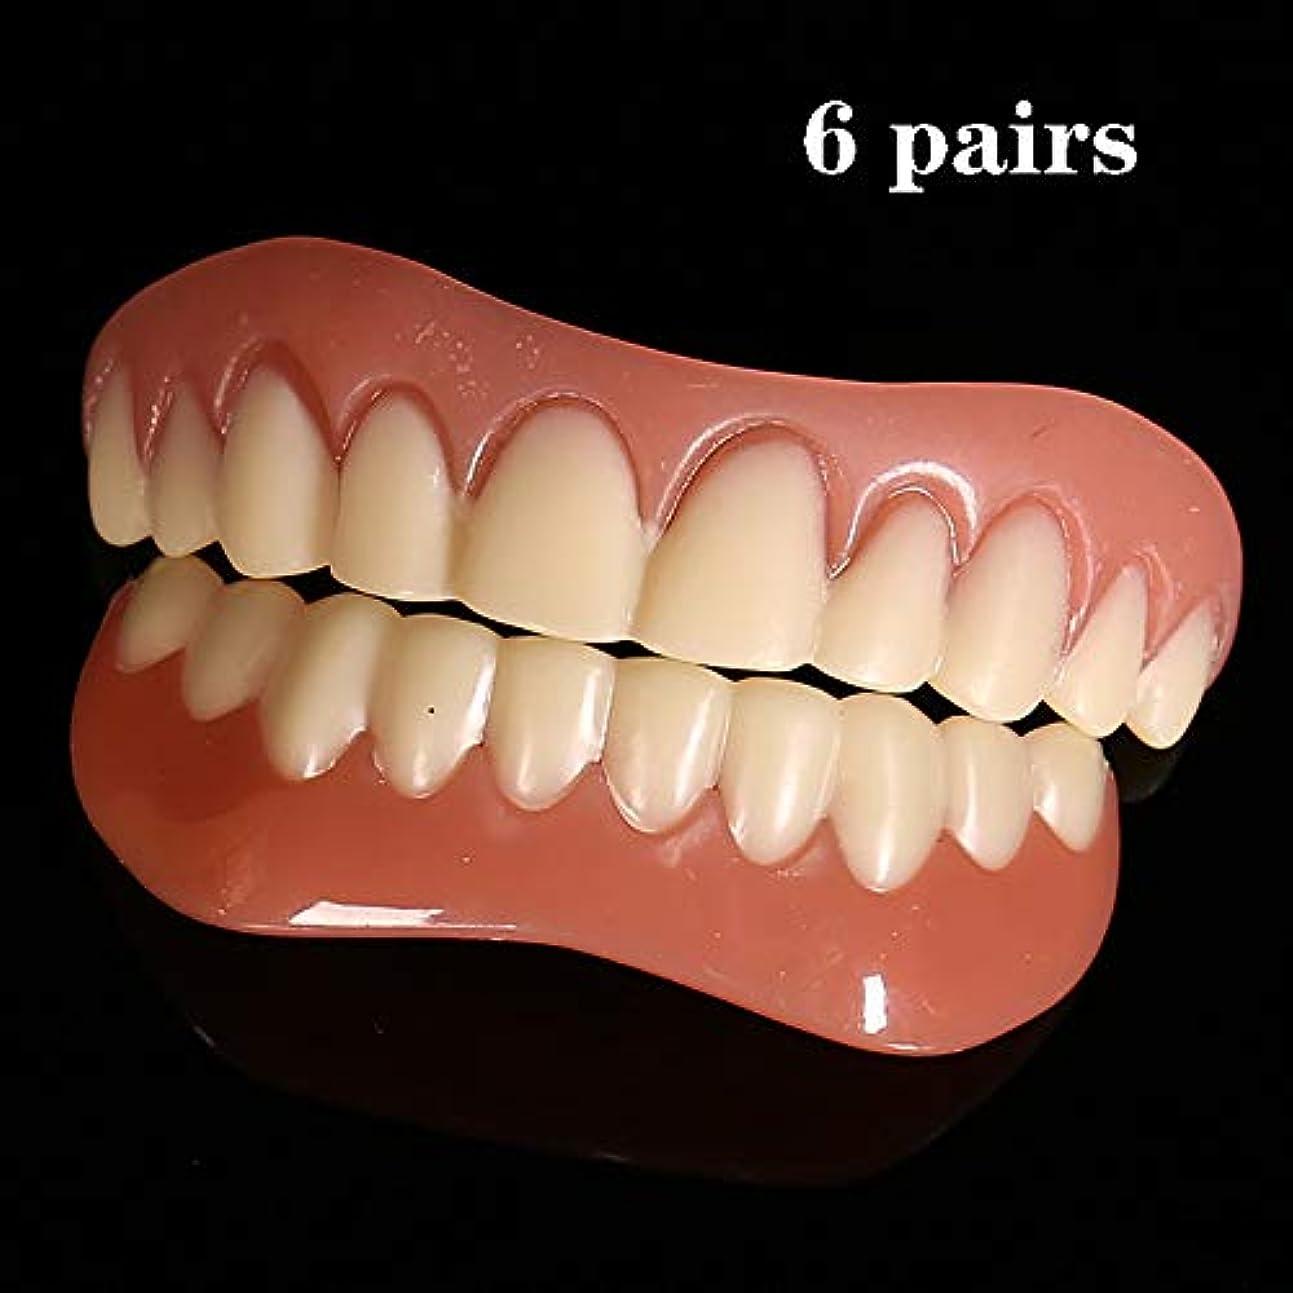 戸惑う管理しますフルーツ野菜歯突き板化粧品歯スナップオンセキュア6ペア上下の快適さフィット歯突き板安全インスタントスマイル化粧品ワンサイズ